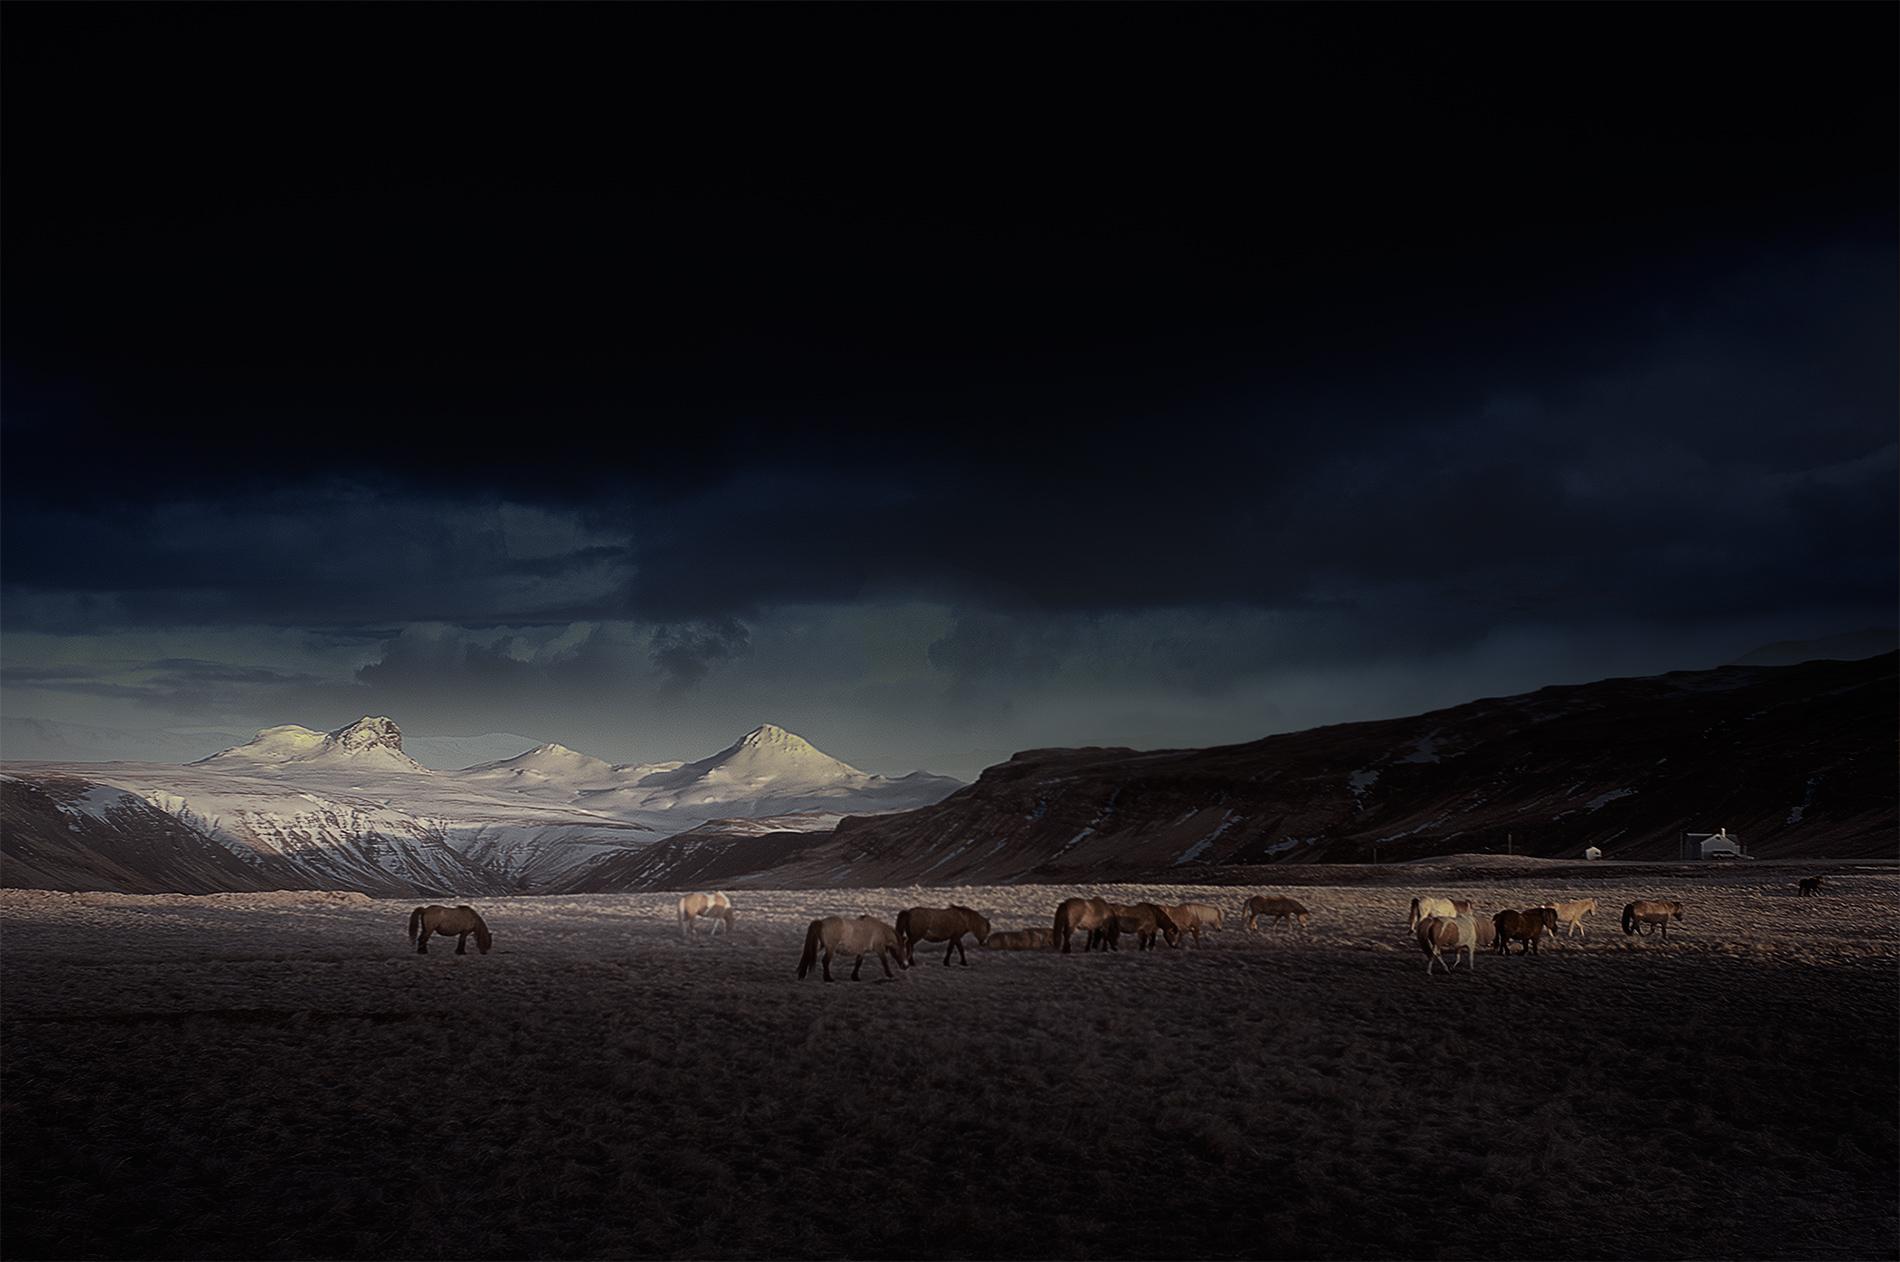 horses_baula (1).jpg